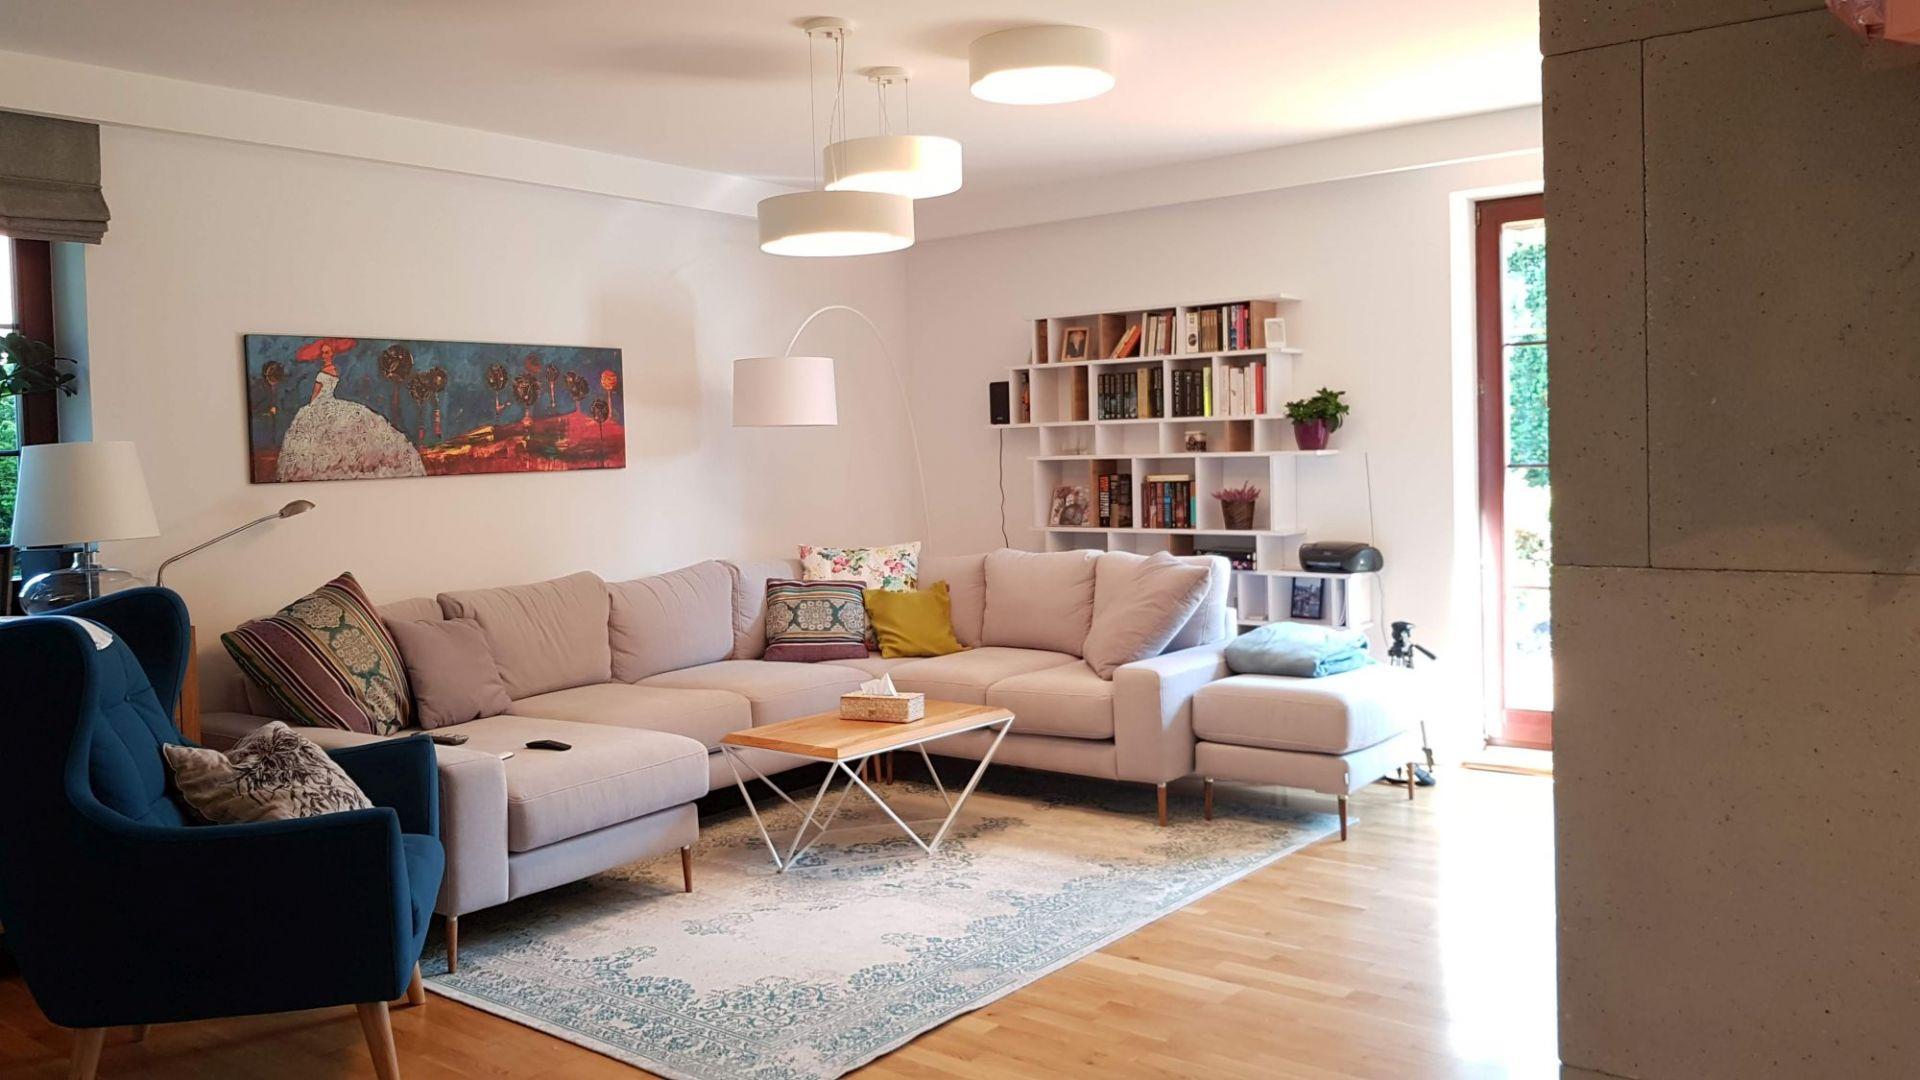 Na parterze znajduje się otwarta przestrzeń dzienna składająca się z salonu, jadalni oraz kuchni, łazienka dla gości, otwarta klatka schodowa. Fot. Studio BB Architekci